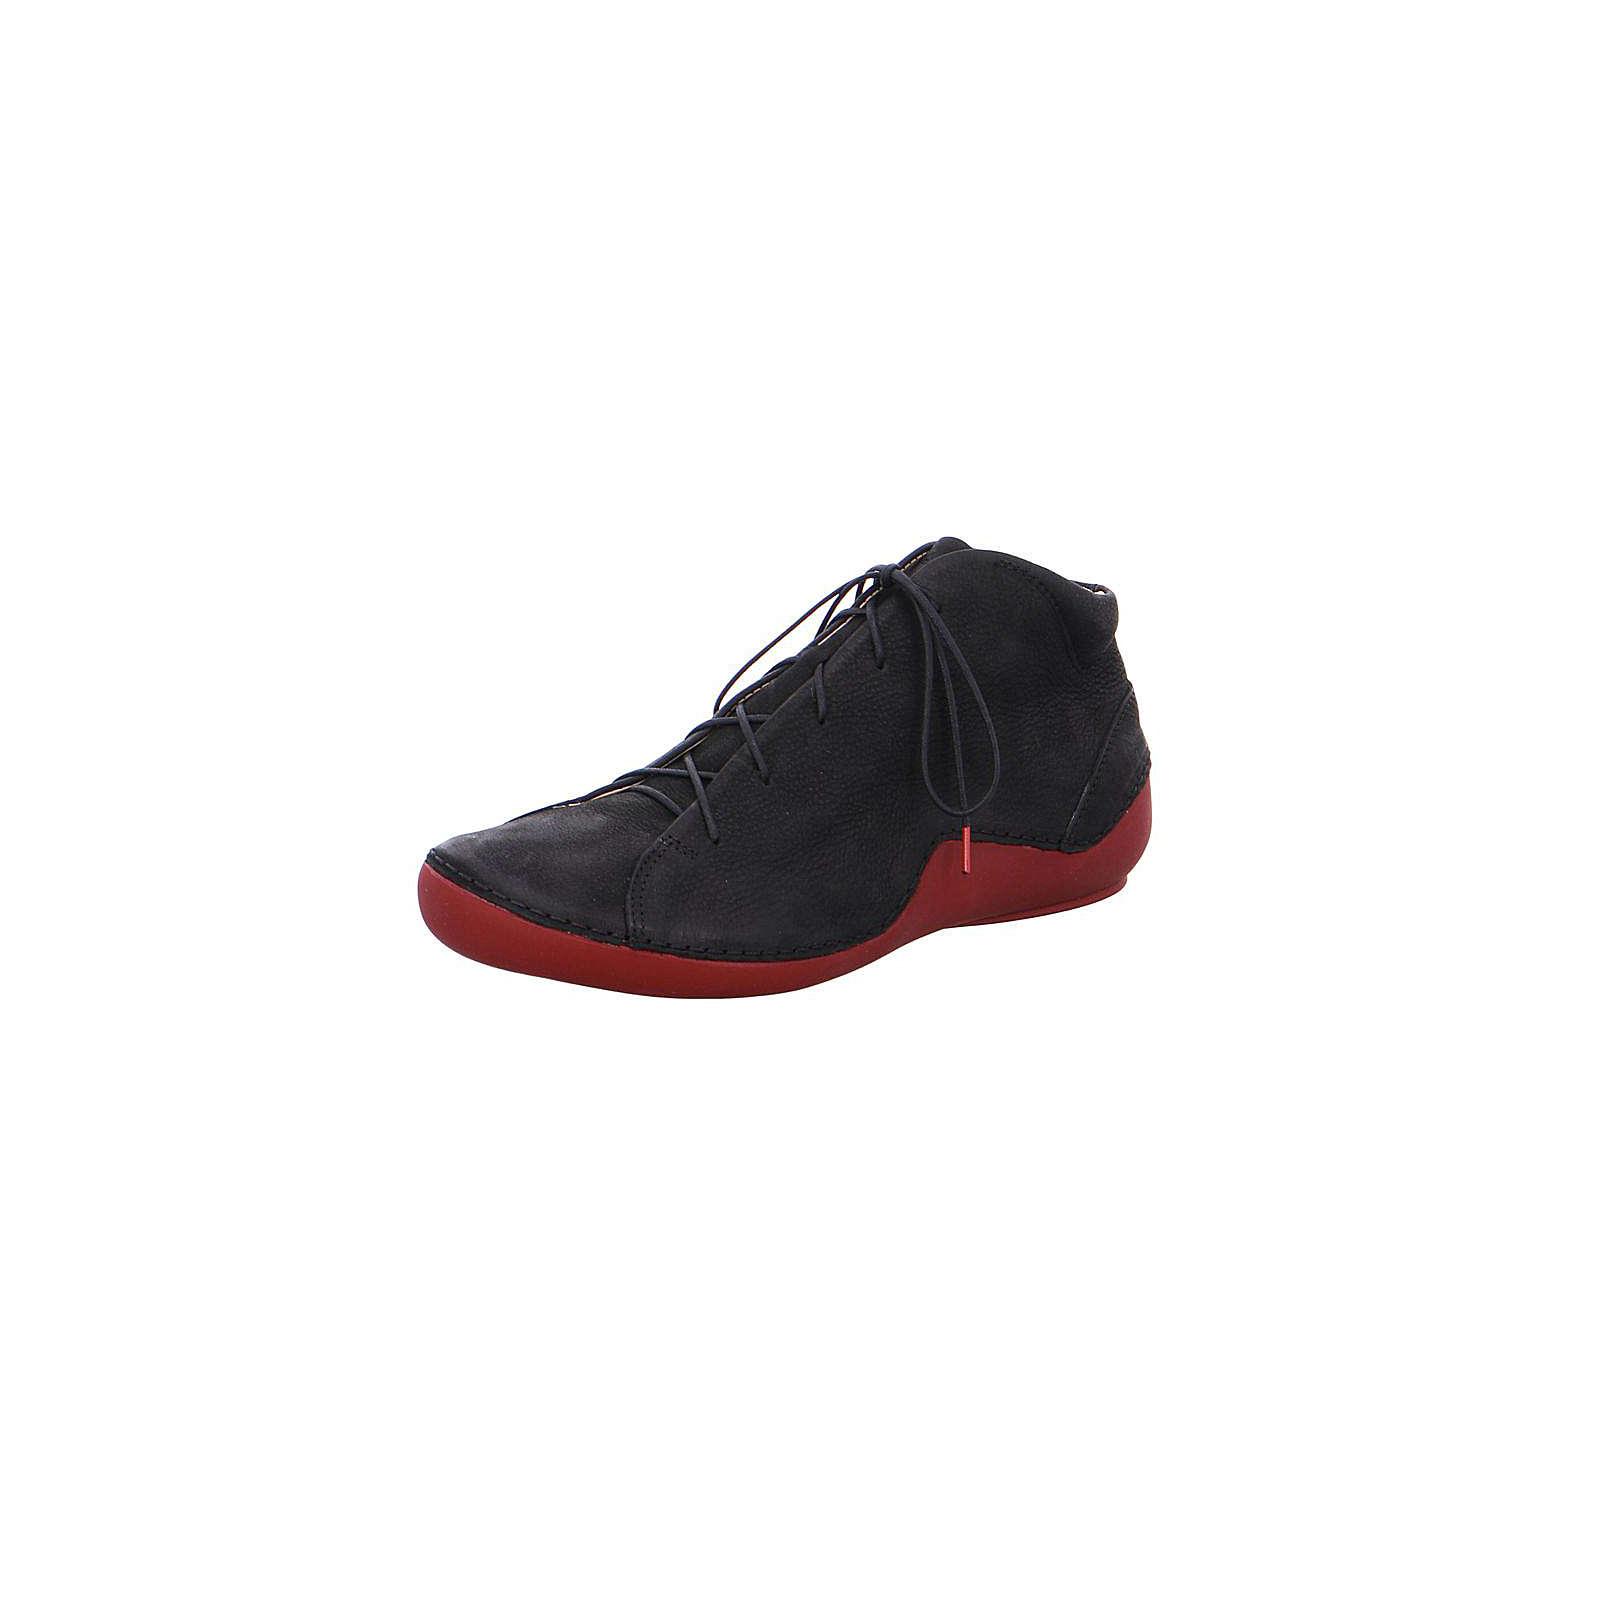 Think! Stiefel schwarz Klassische Stiefeletten schwarz Damen Gr. 36